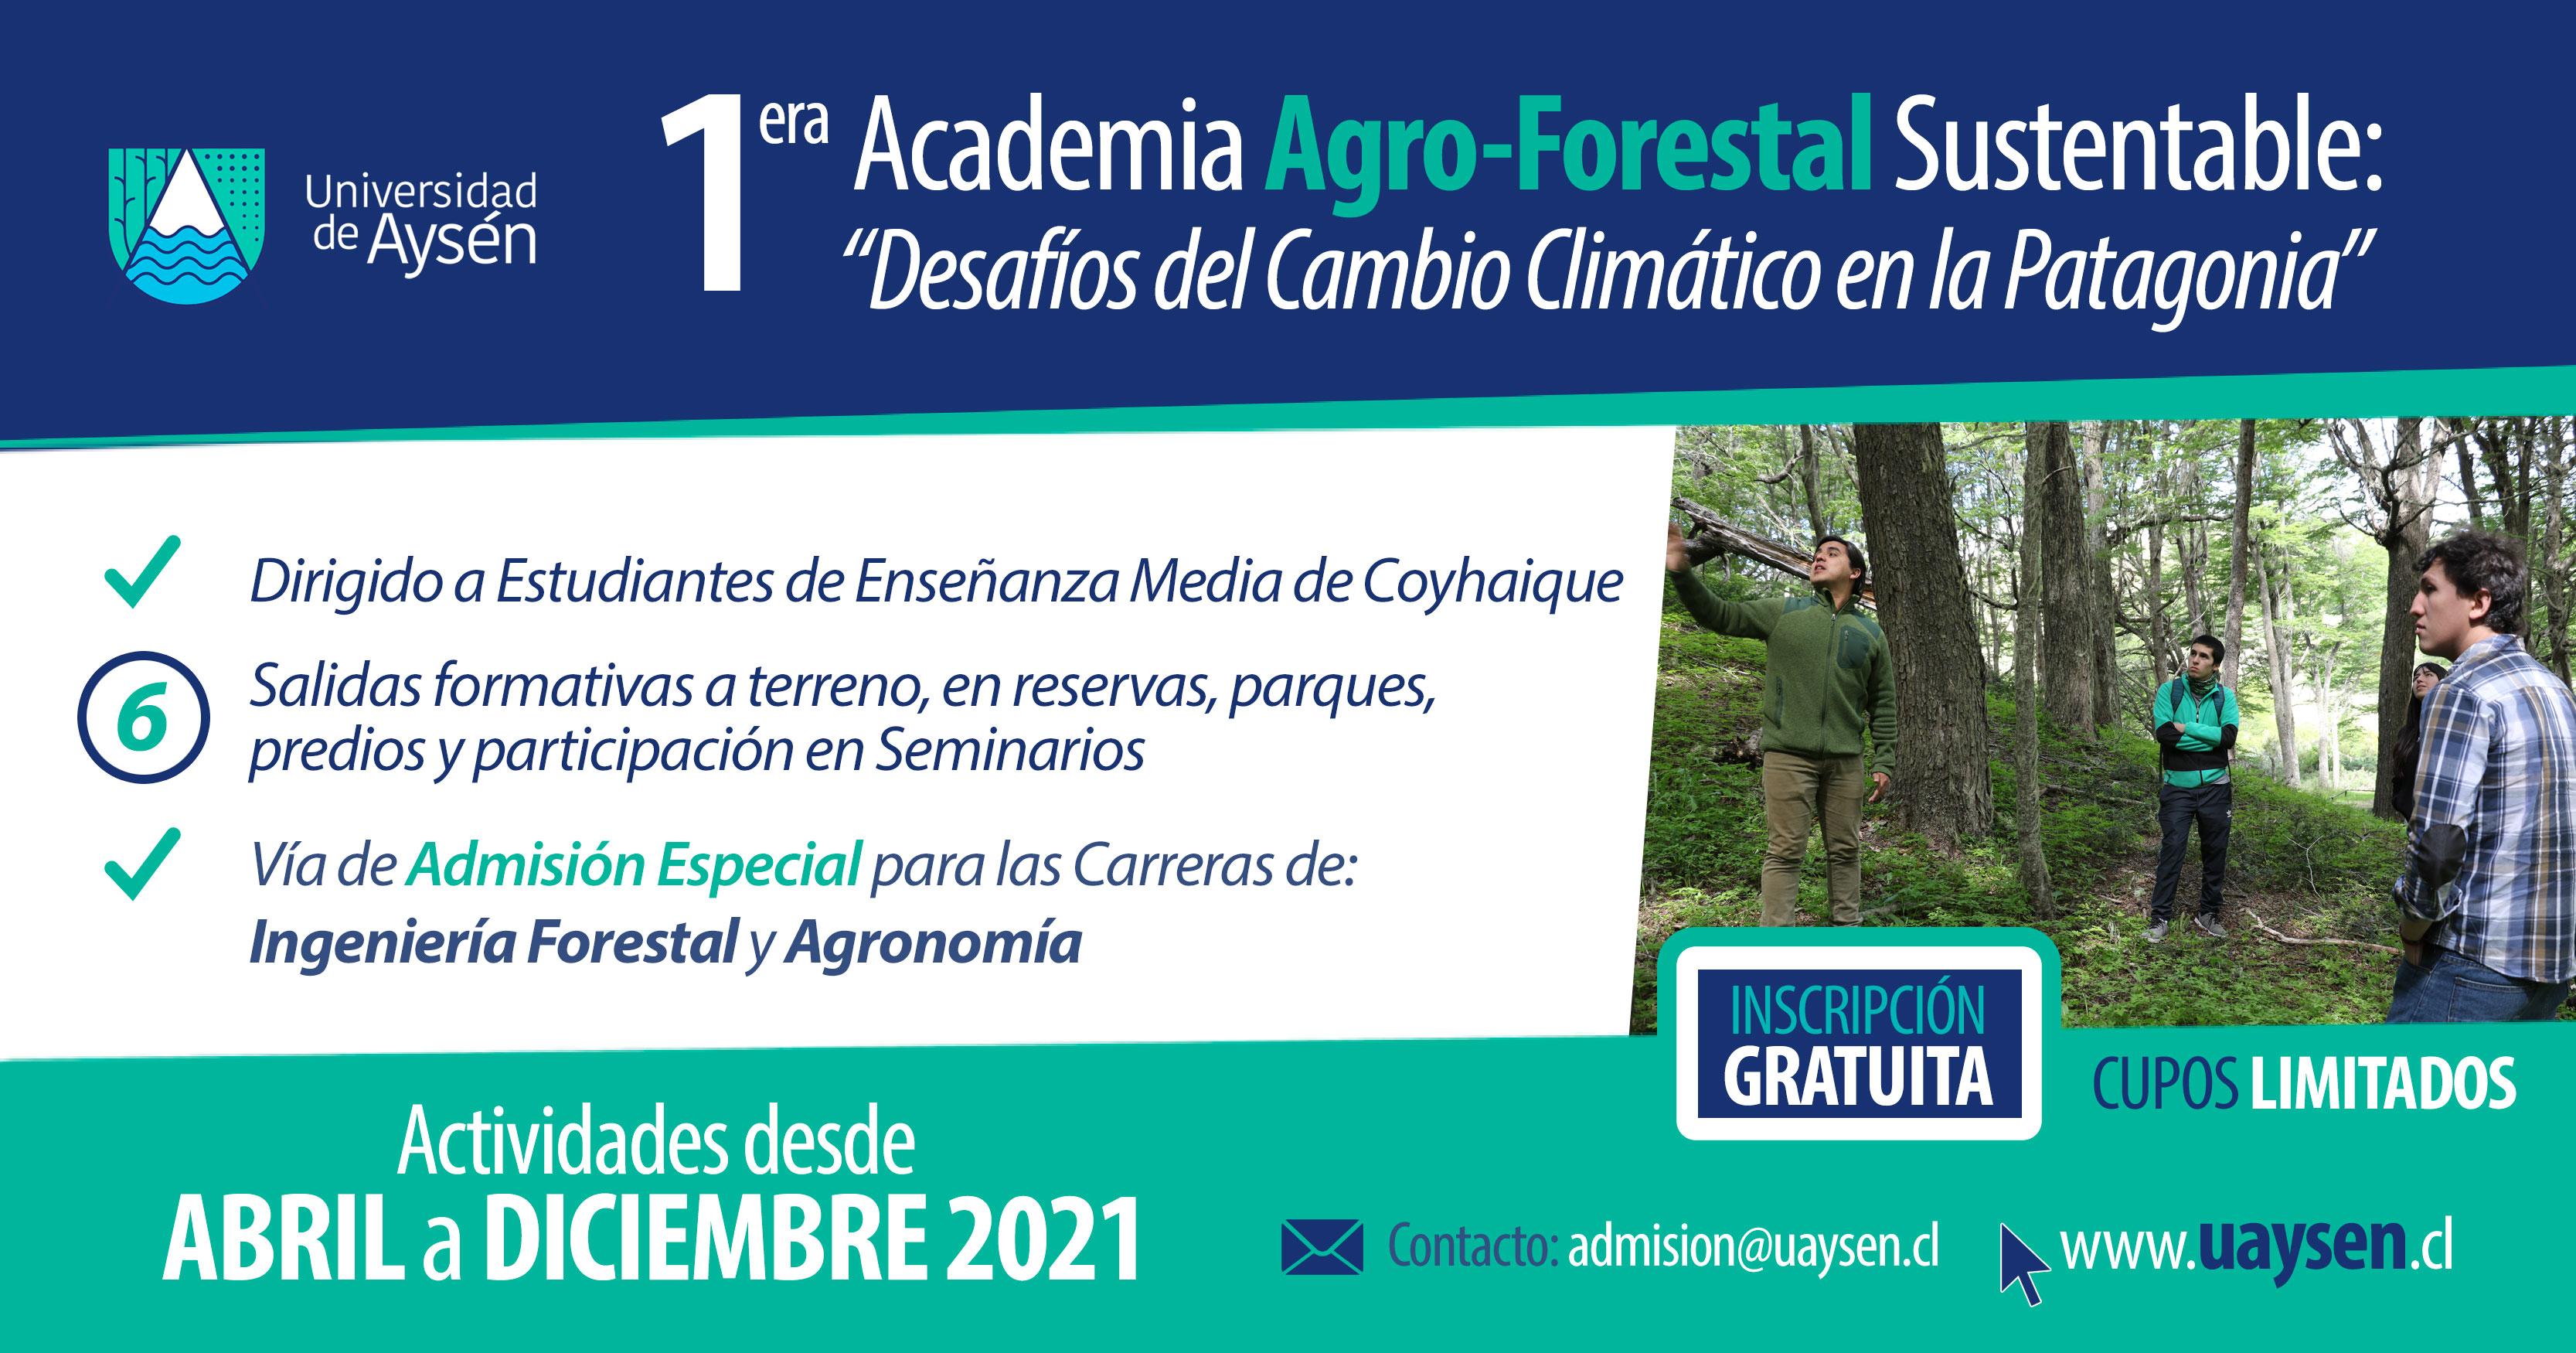 1era Academia Agro - Forestal Sustentable: Desafíos del Cambio Climático en la Patagonia